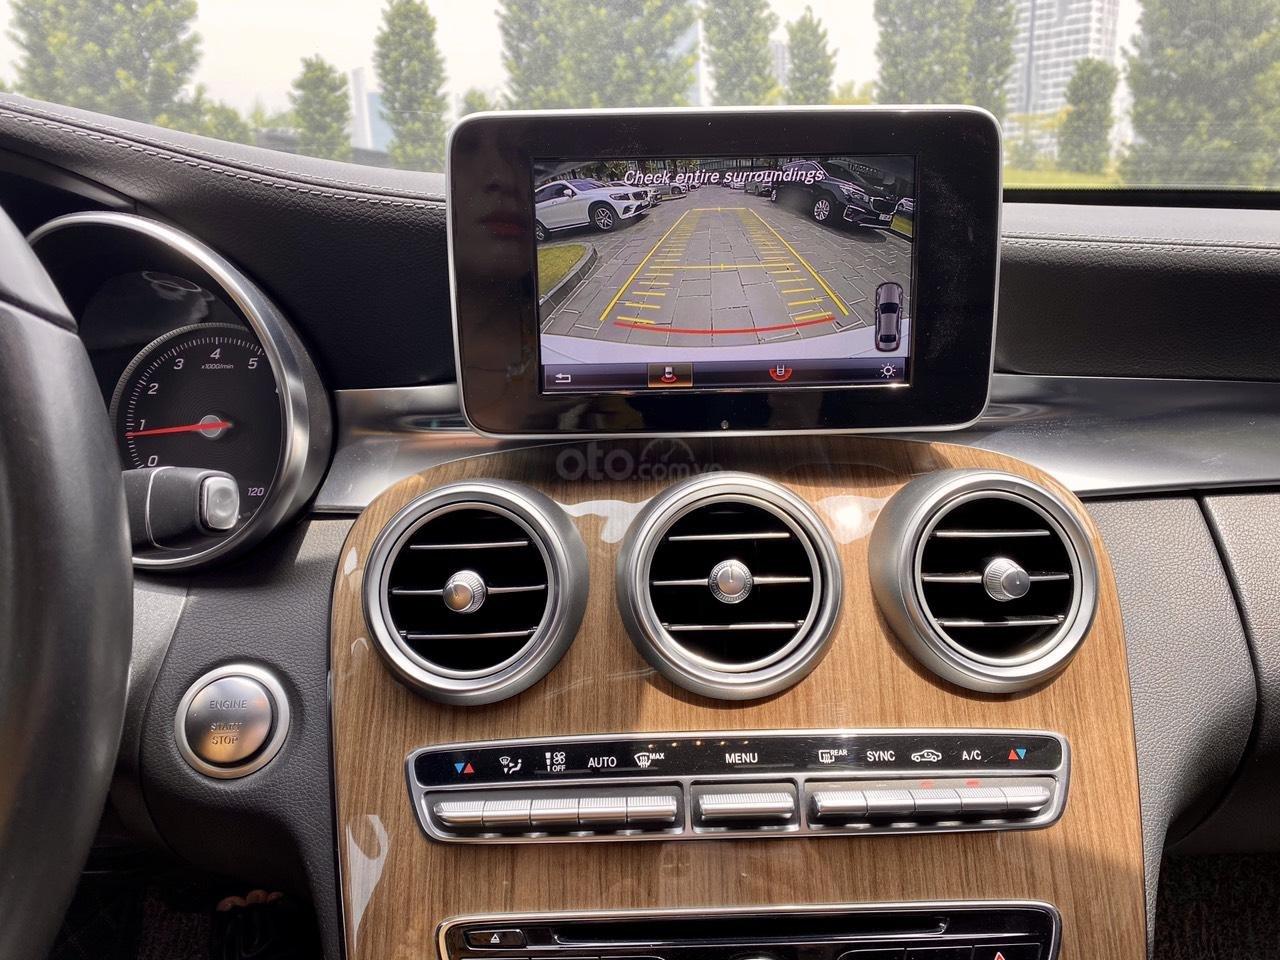 Mercedes C250 SX 2015 model 2016 màu trắng nội thất đen (4)